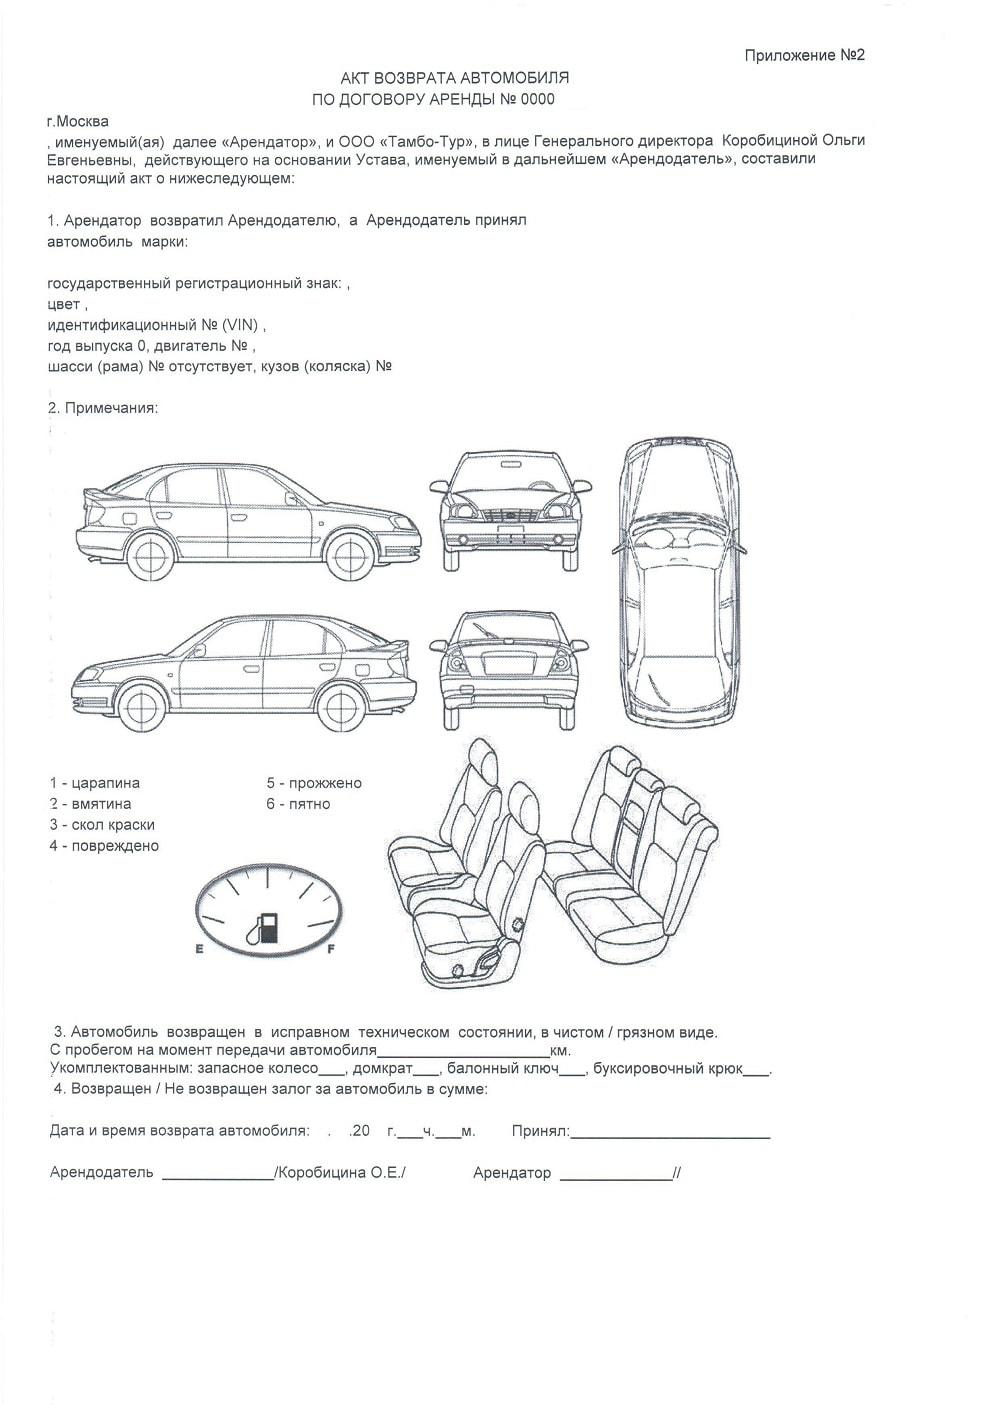 Акт-передачи автомобиля